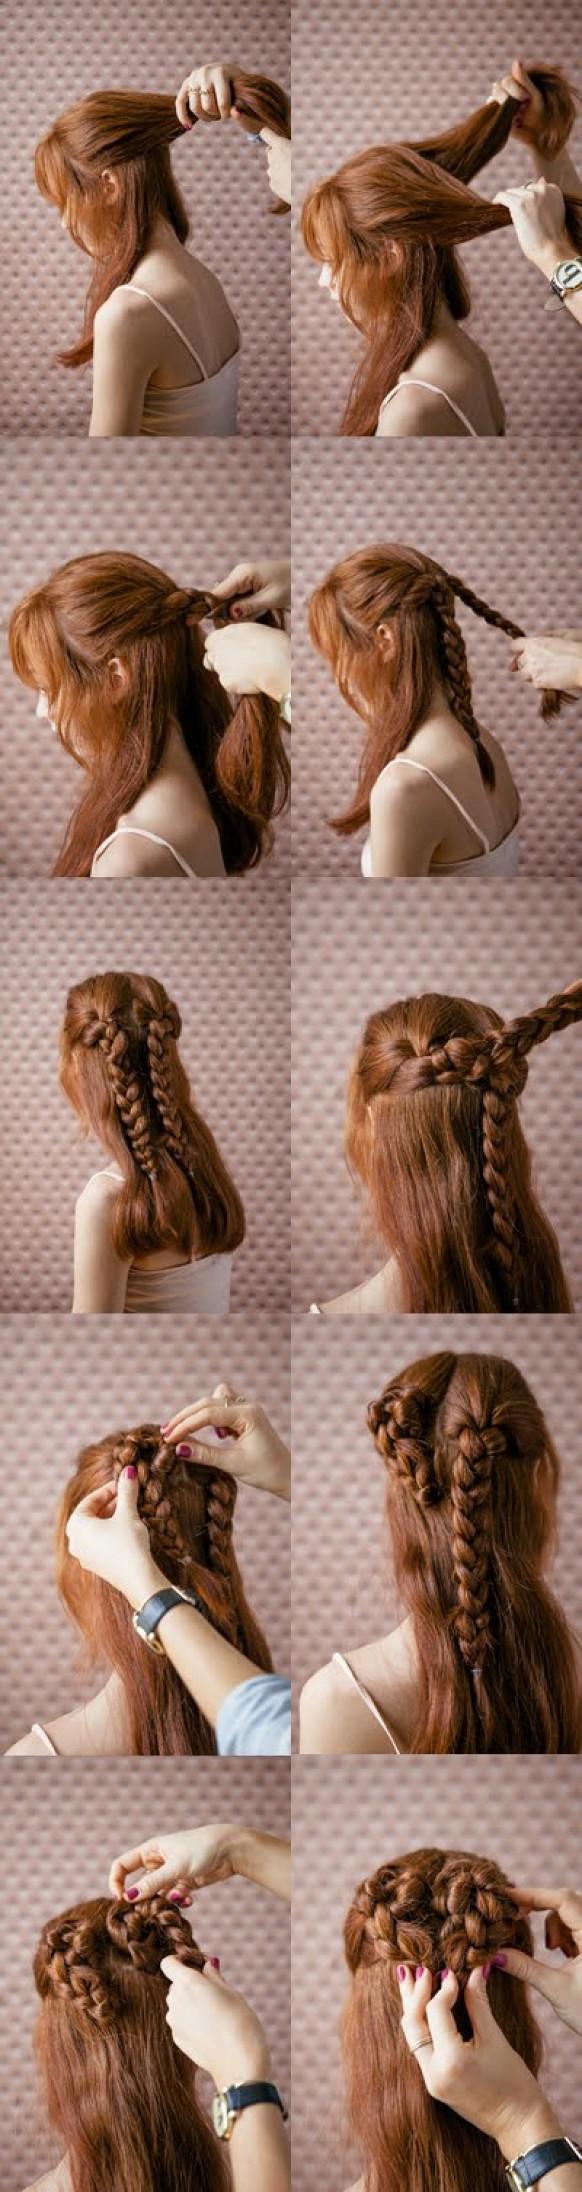 Как заплести саму себя красиво? Прически с косами на длинные 69